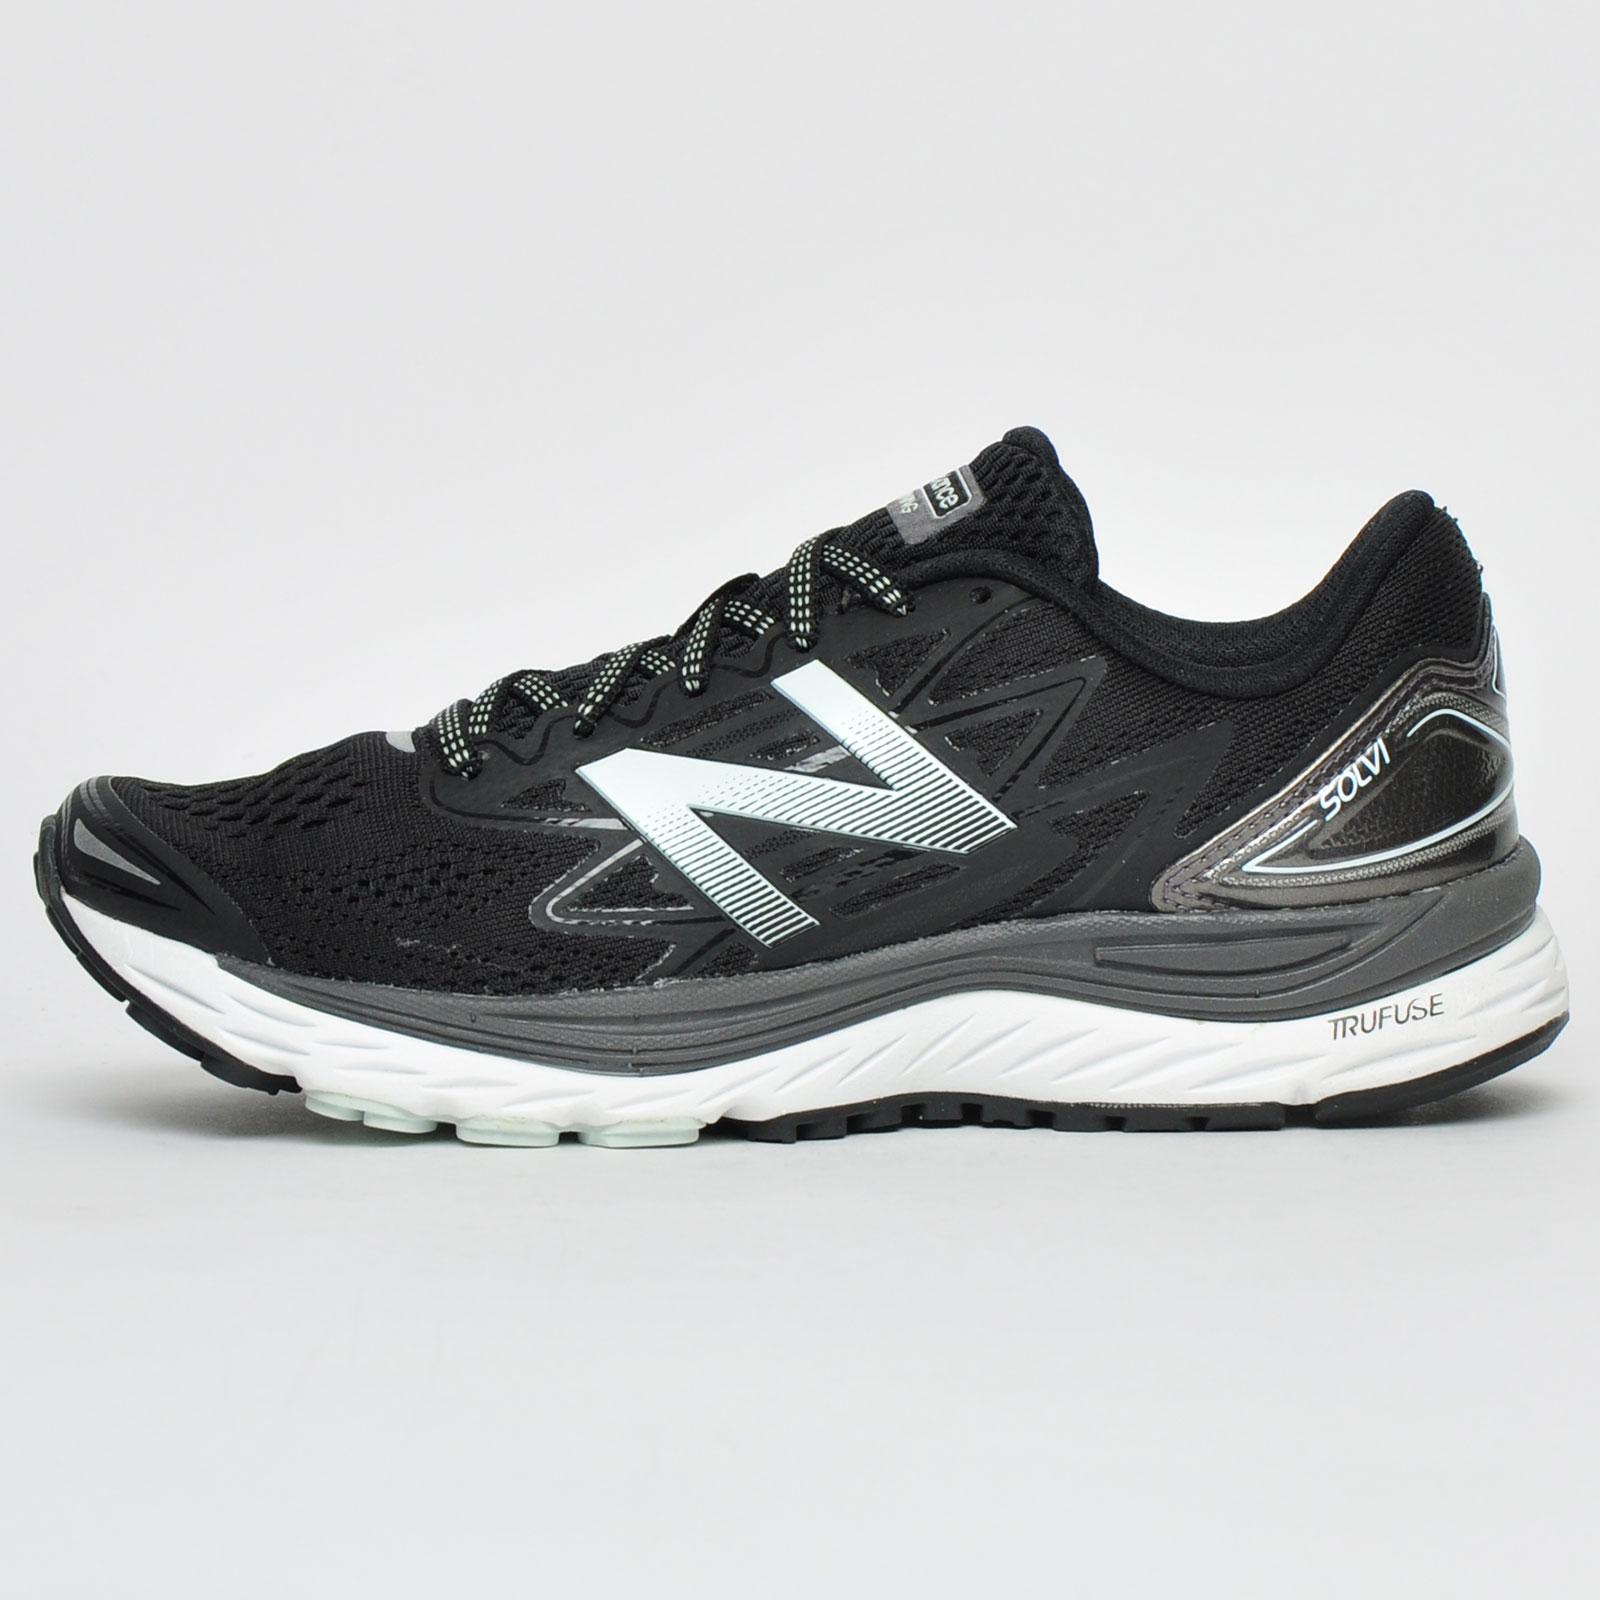 mens mizuno running shoes size 9.5 eu wow 8.0